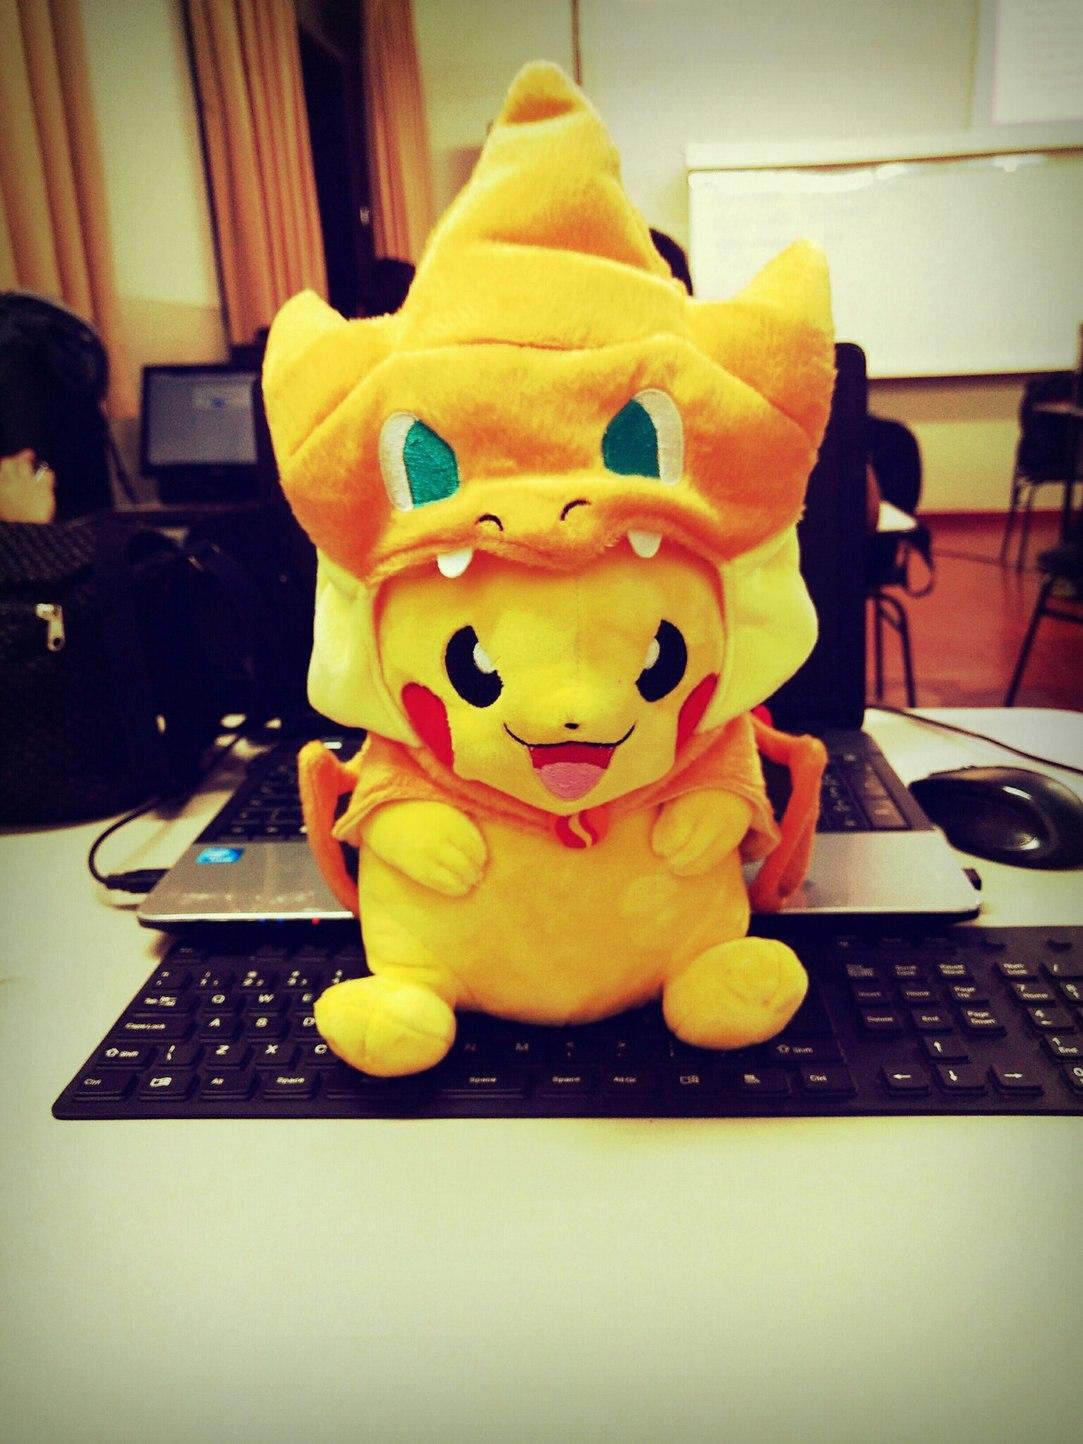 Quando vc nasce Pikachu mas é Charizard - meme